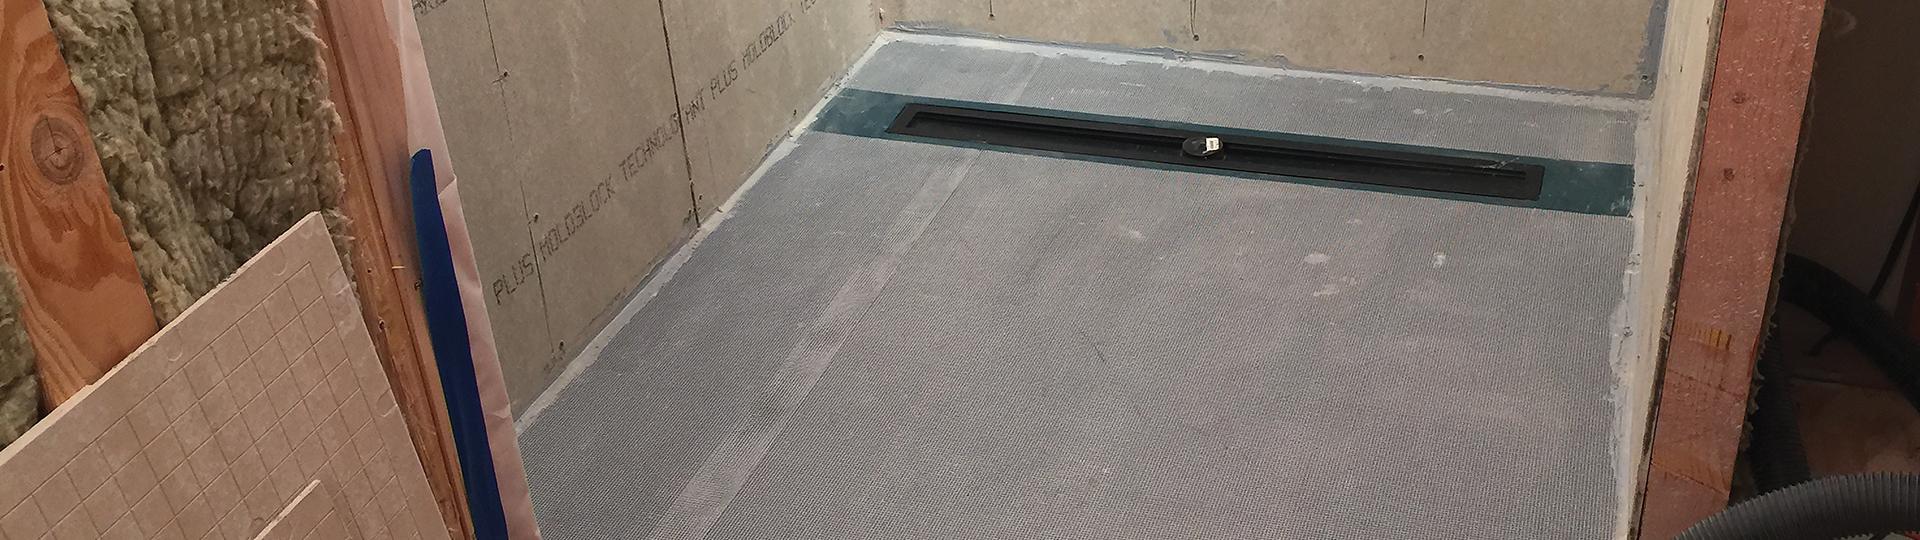 linear drain showerslope kbrs